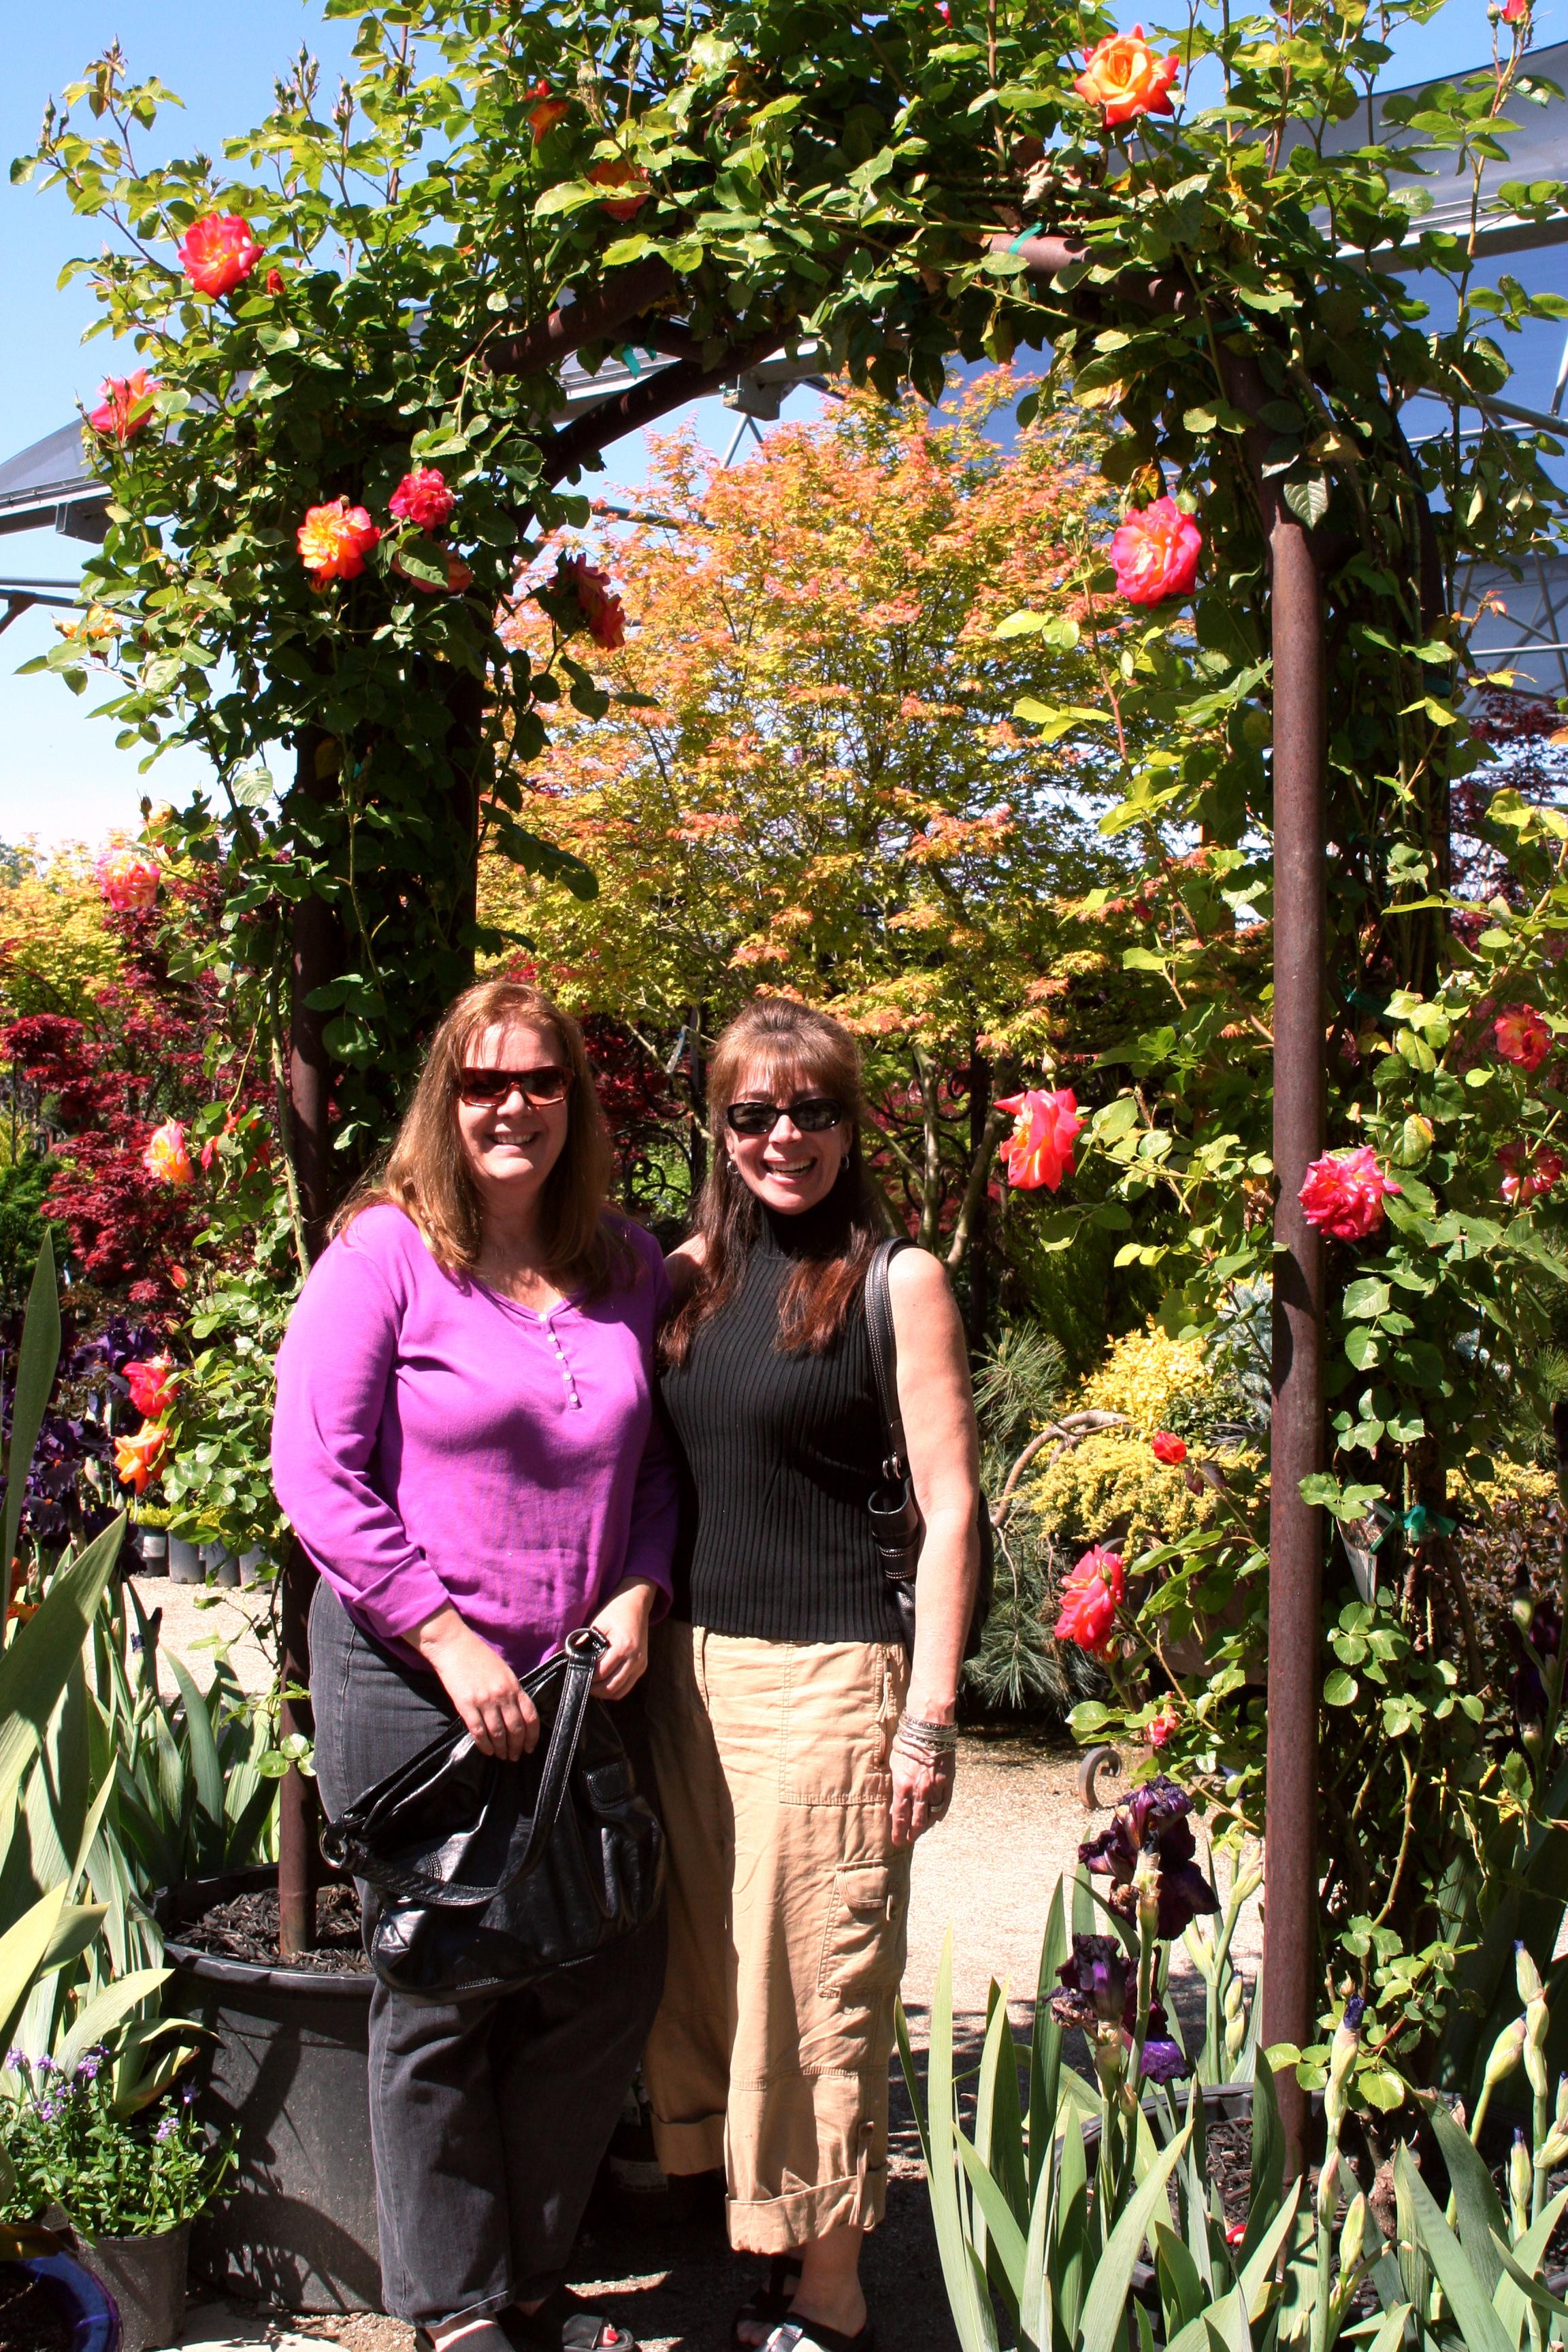 The Gardeners Anonymous Blog: Gardening